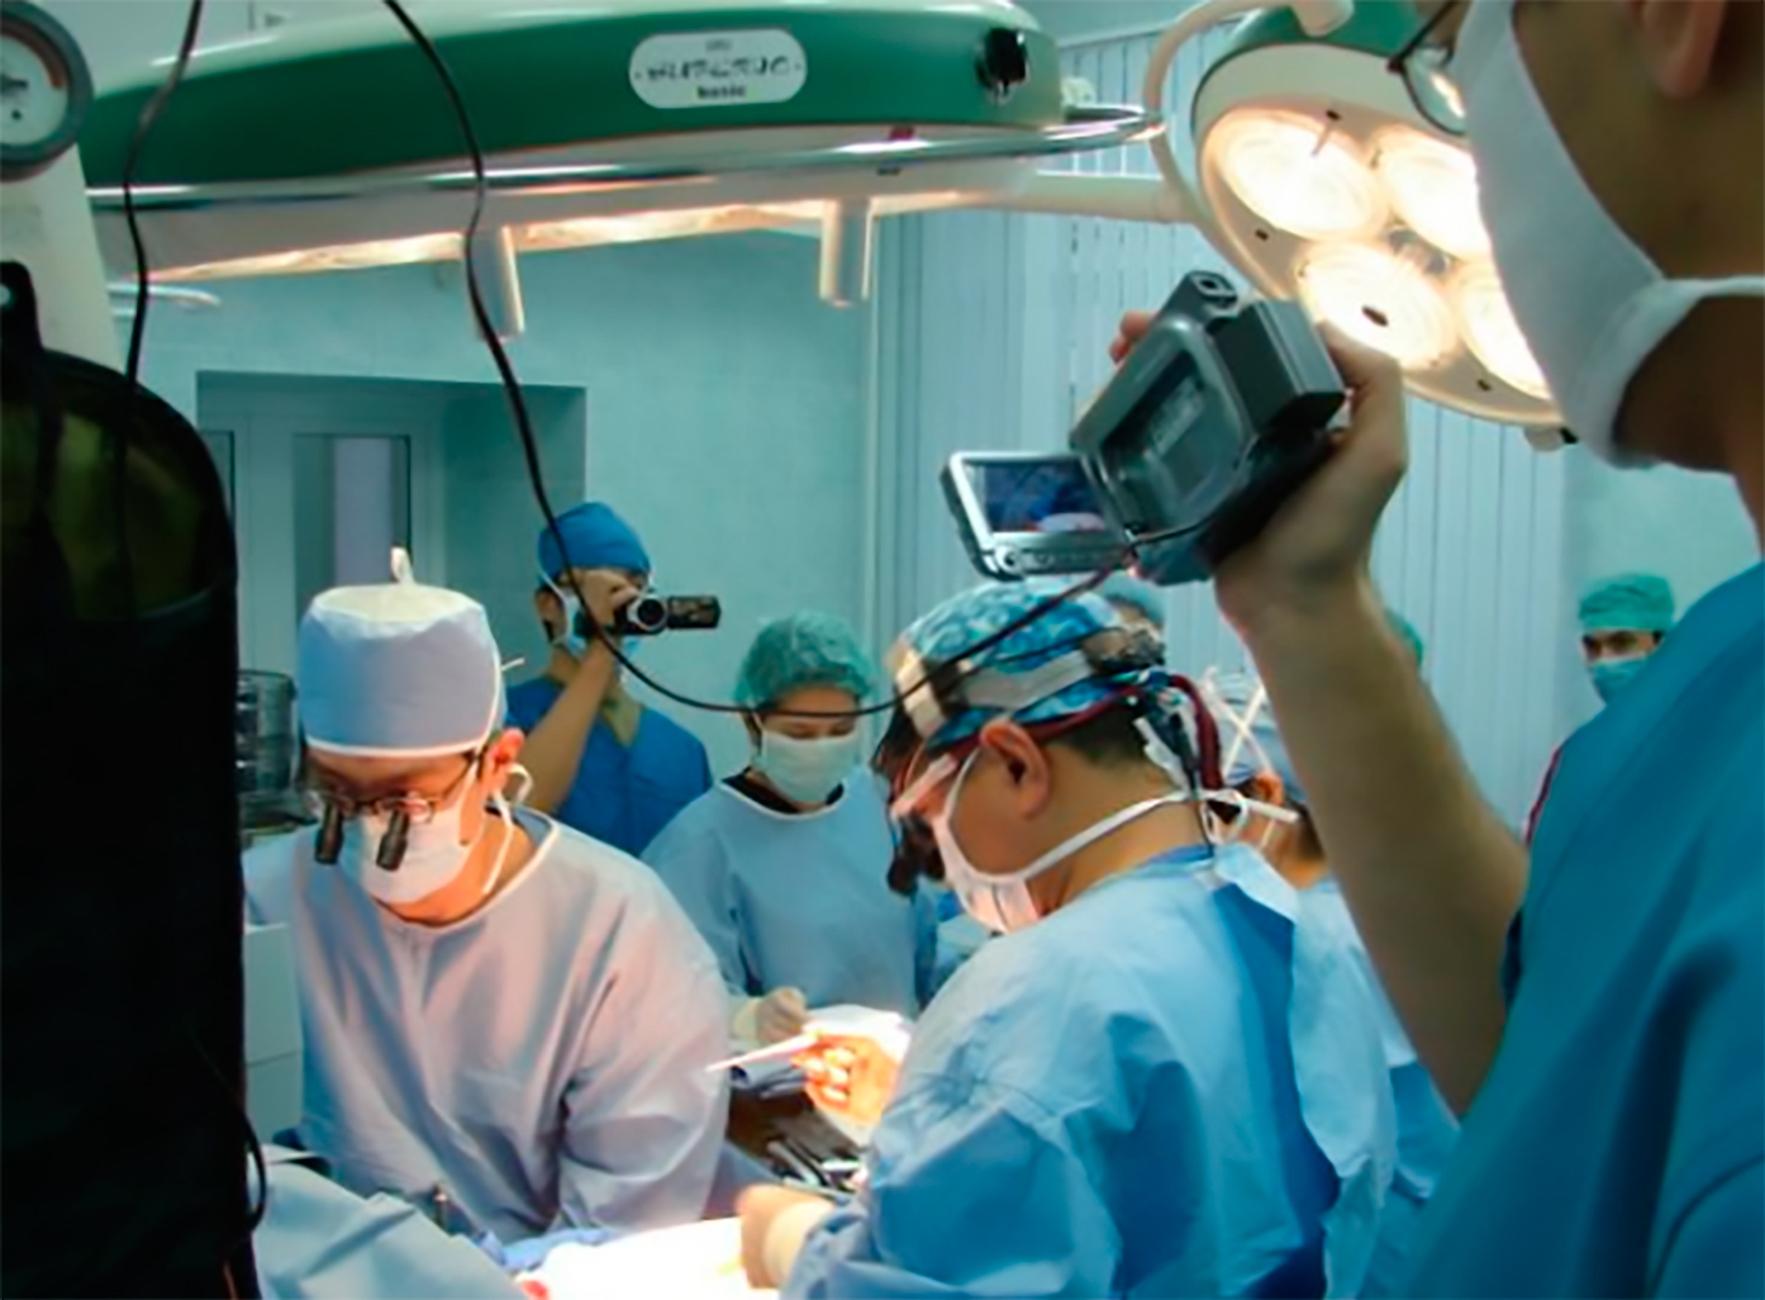 Узбекистан принимает меры по улучшению качества здравоохранения и борьбе с туберкулезом